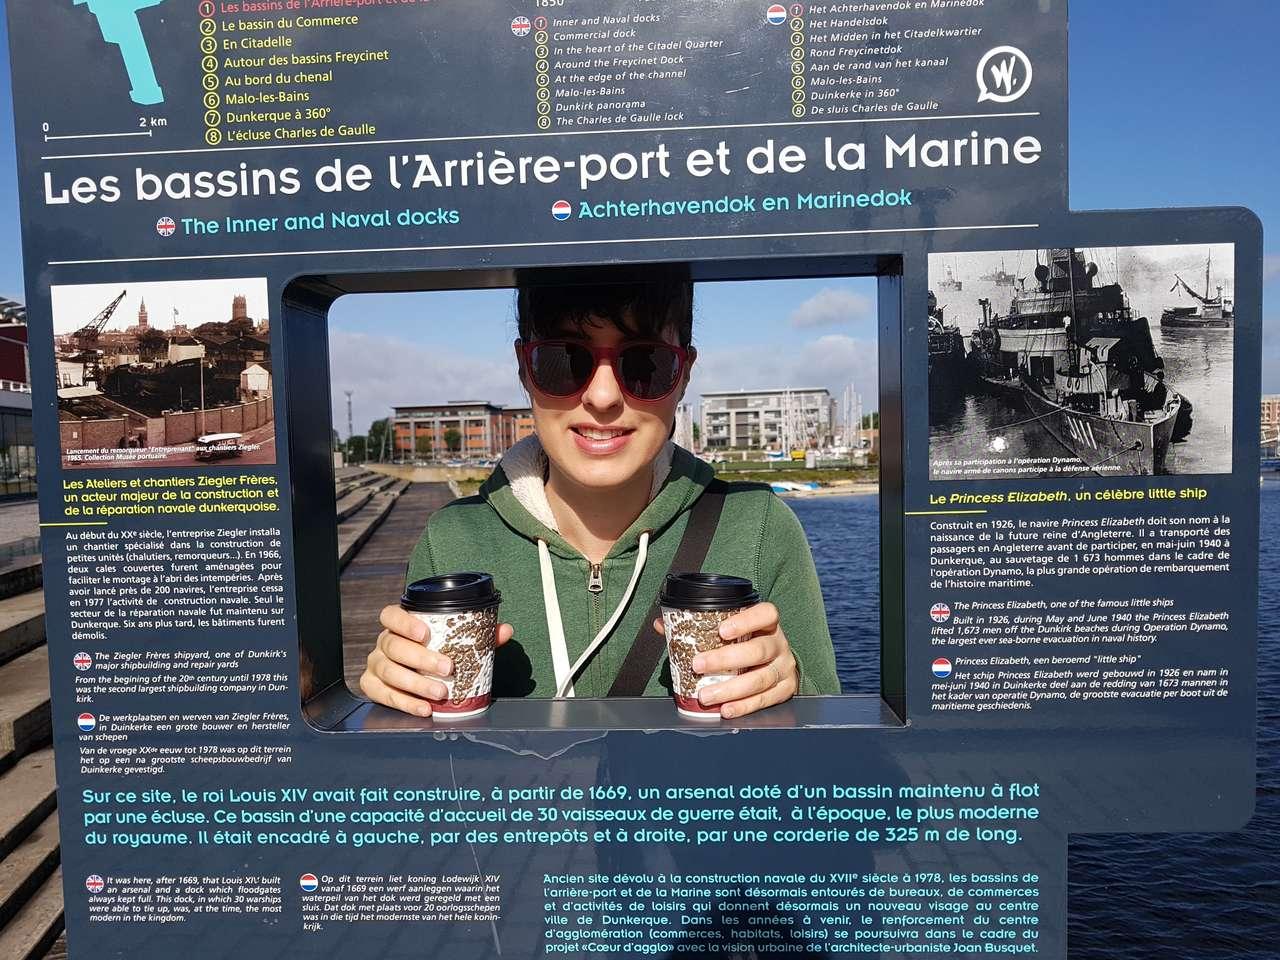 Les bassins de l'arrière-port et de la Marine de Dunkerque